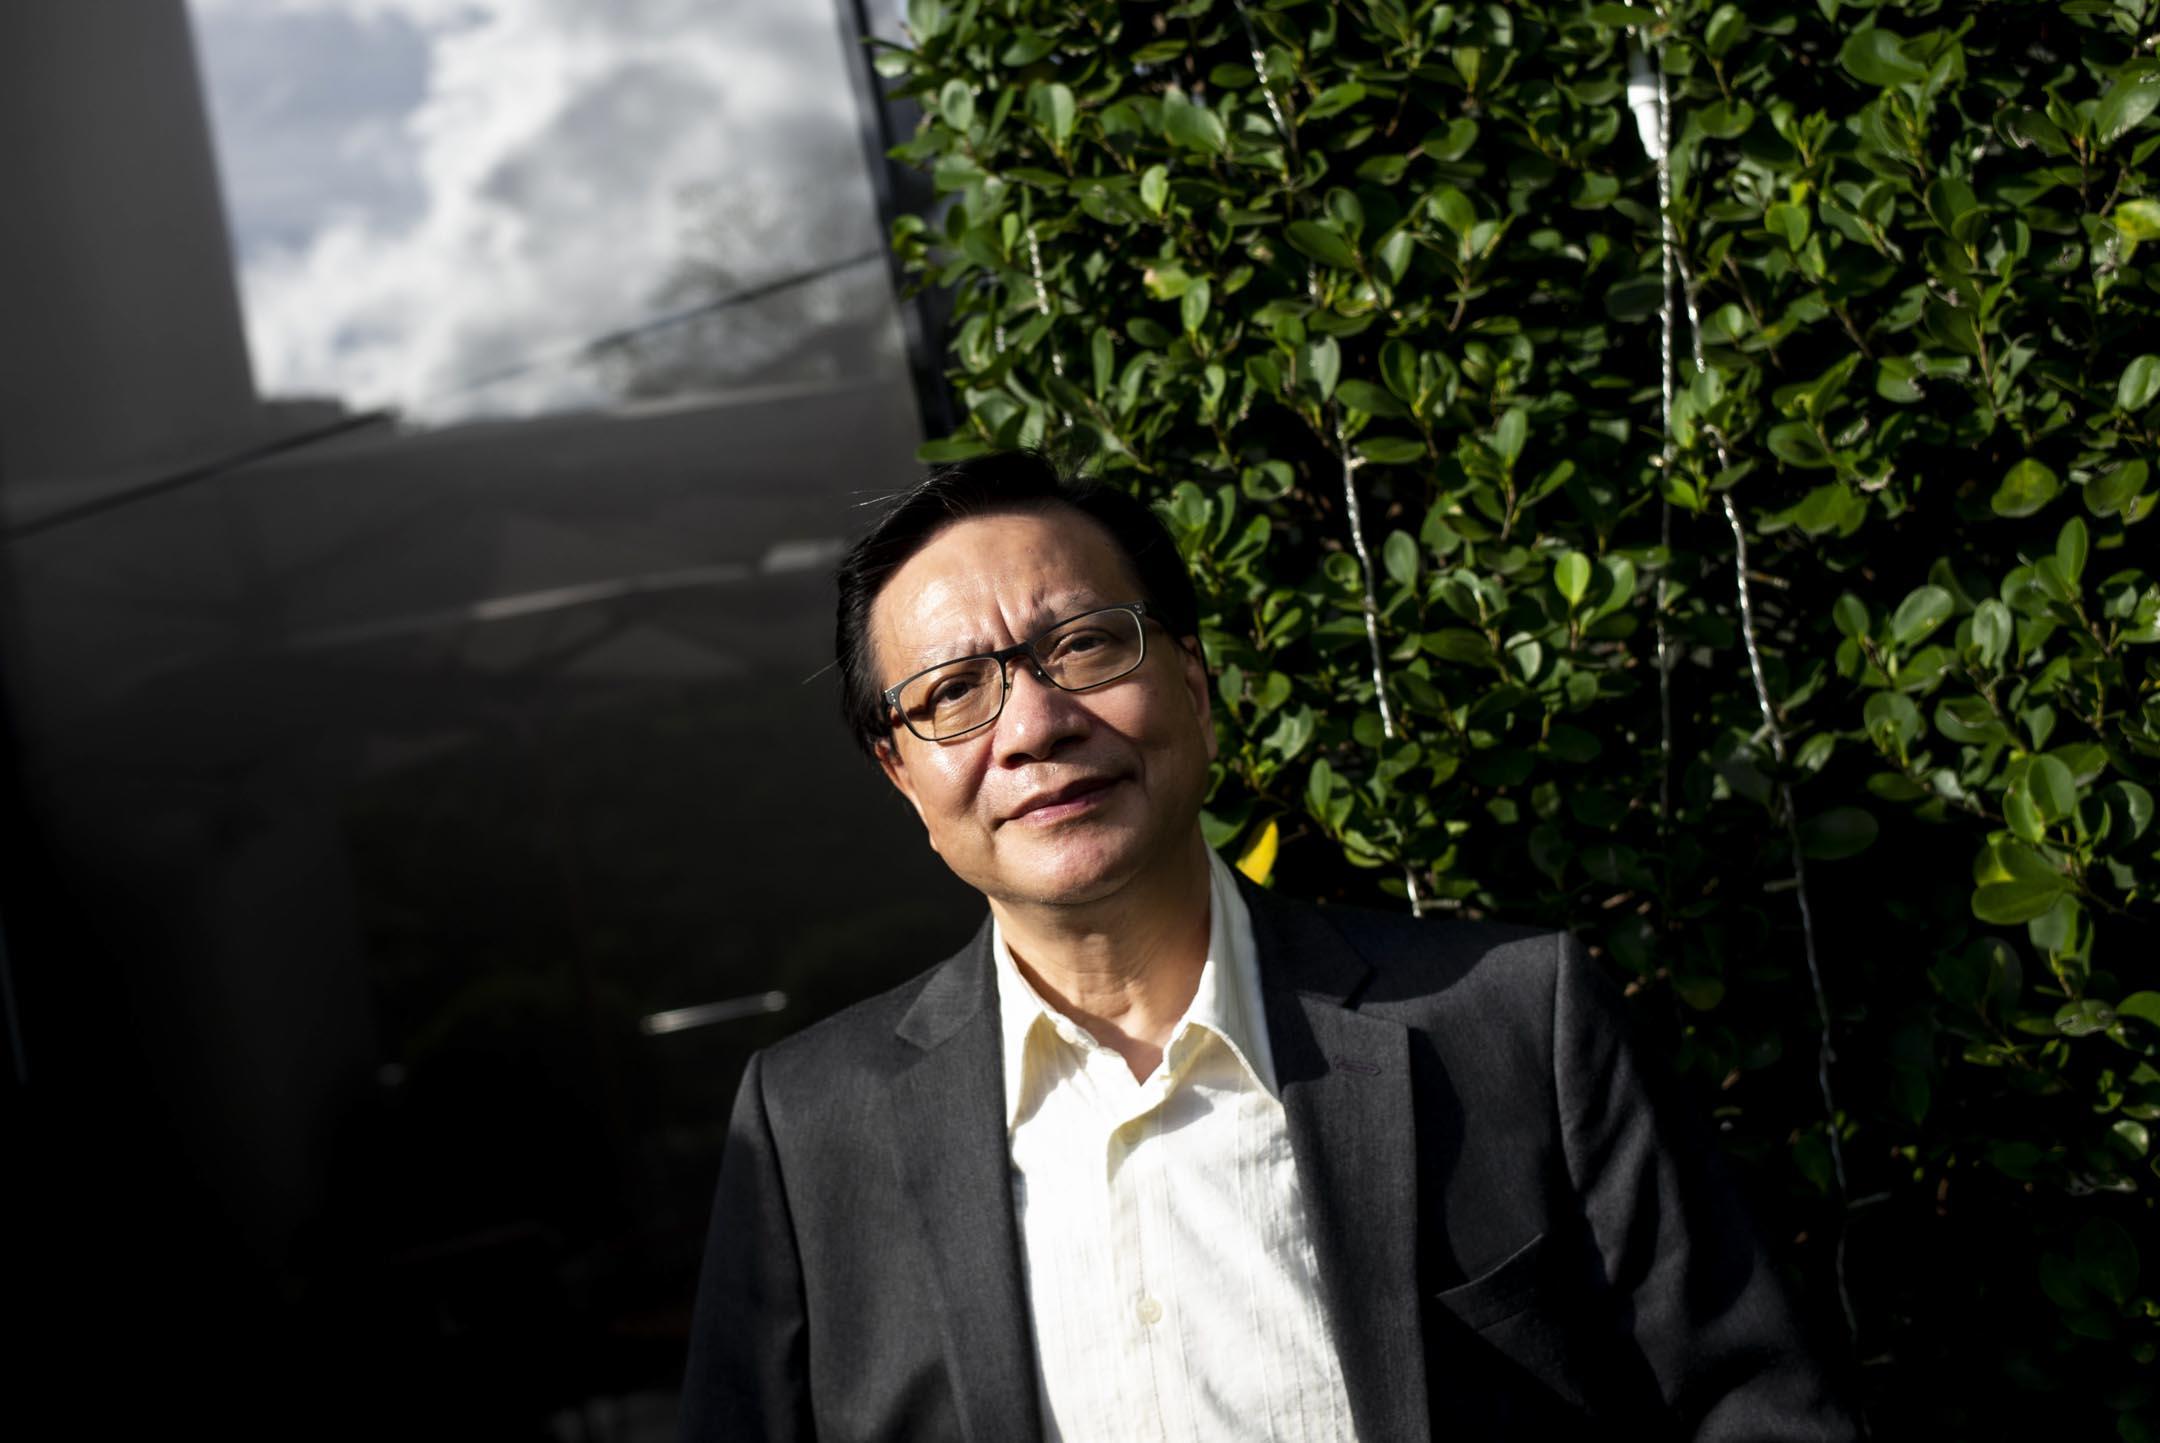 張炳良今年67歲,曾當公務員,80年代加入匯點,其後成為民主黨創黨成員,95年擠身立法局擔任議員。後退出政黨,2005年獲邀加入行政會議,2012年加入梁振英班子,成為運輸及房屋局局長。5年任期完結後重返校園研究香港管治,閒時授課。 攝:林振東/端傳媒